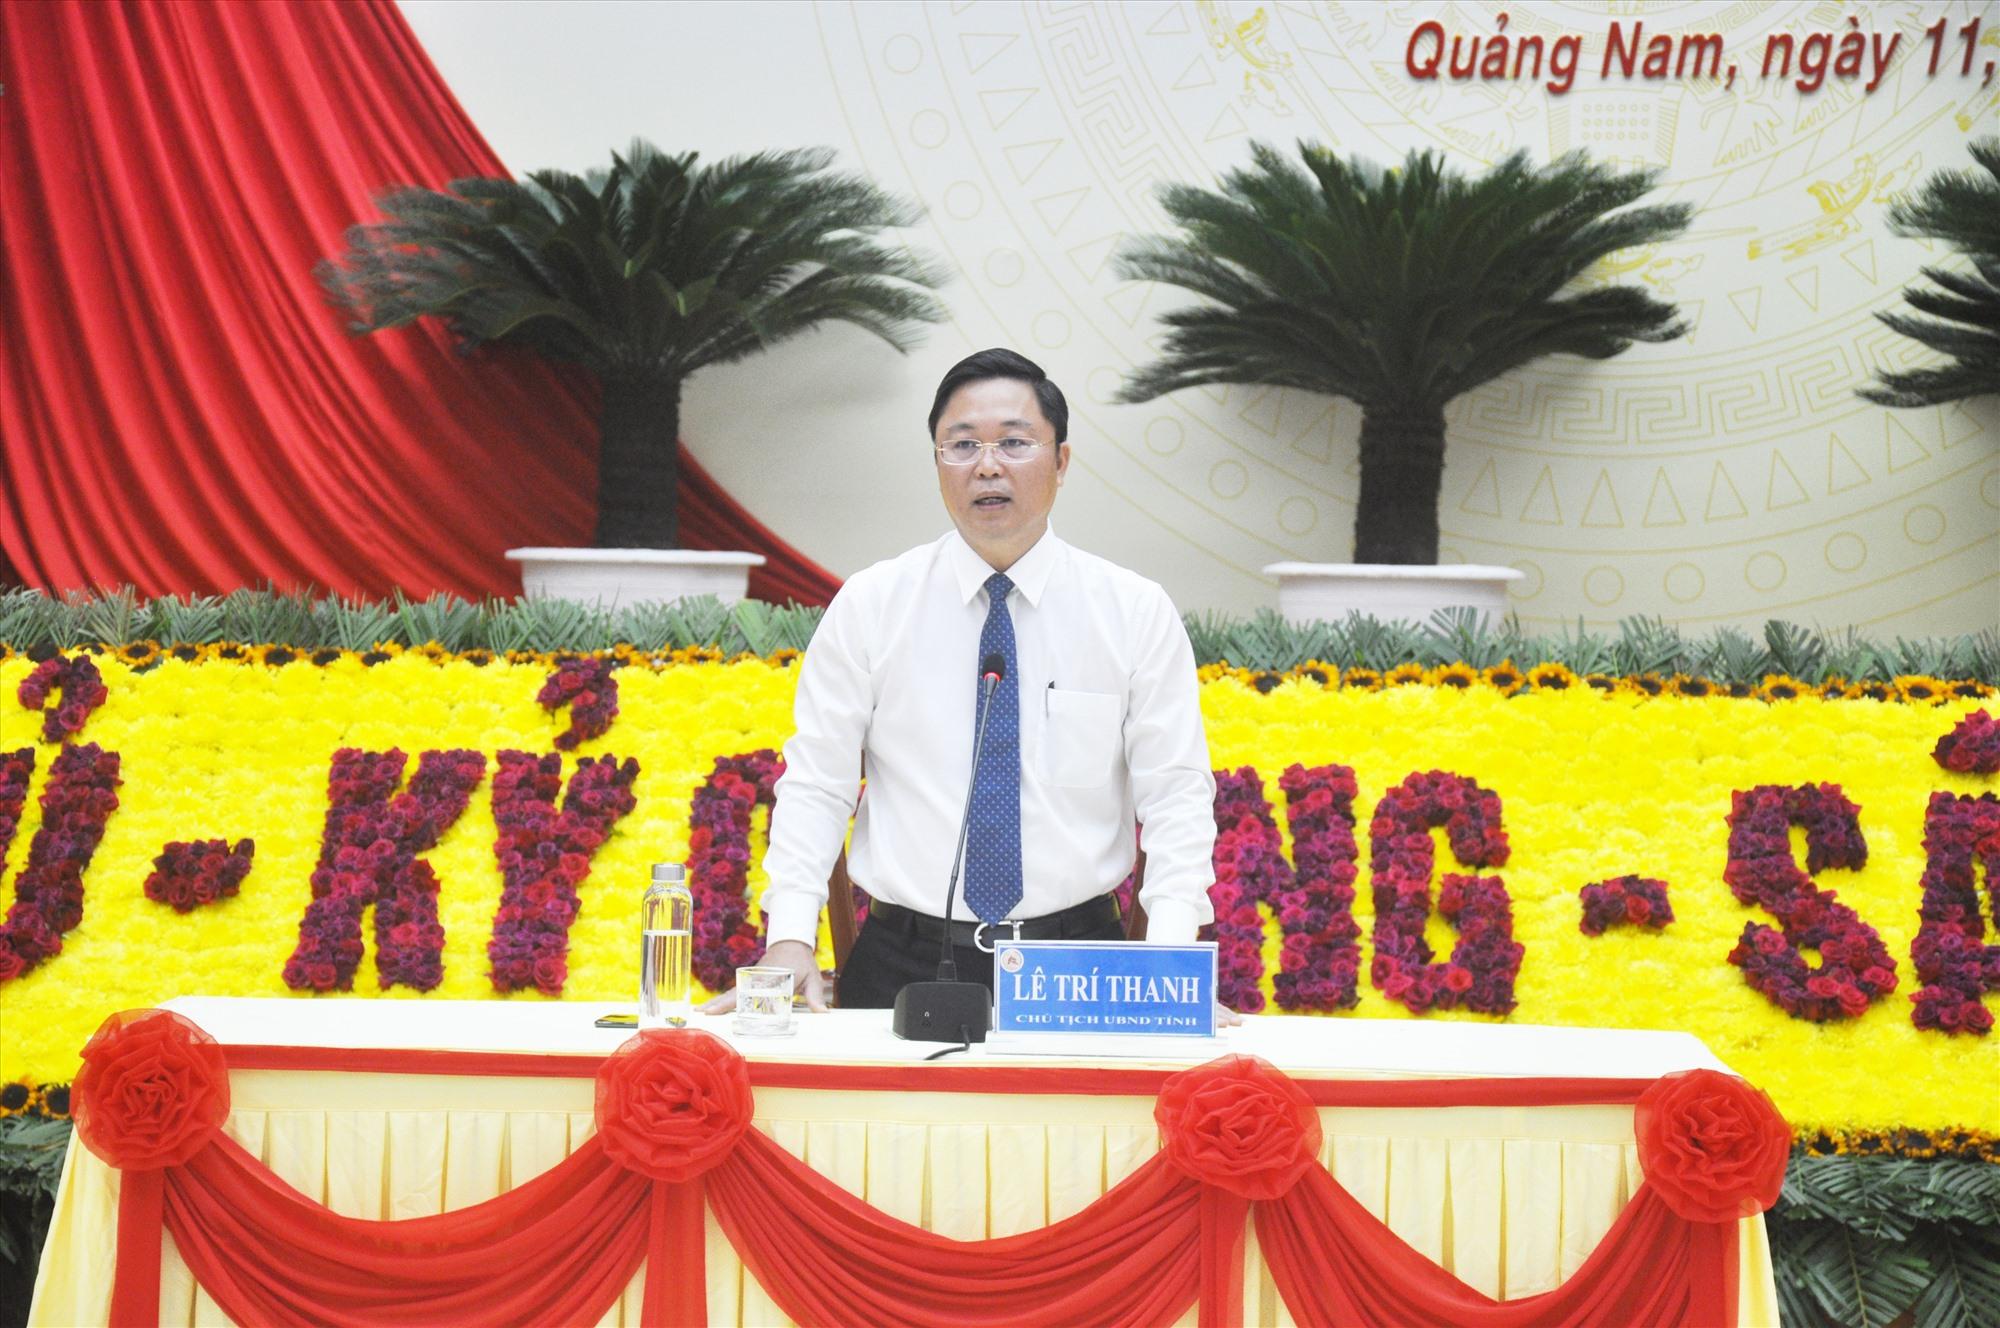 Phó Bí thư Tỉnh ủy, Chủ tịch UBND tỉnh Lê Trí Thanh thông tin về định hướng phát triển của Quảng Nam đến năm 2025, tầm nhìn đến năm 2030 cho các cơ quan báo chí. Ảnh: N.Đ